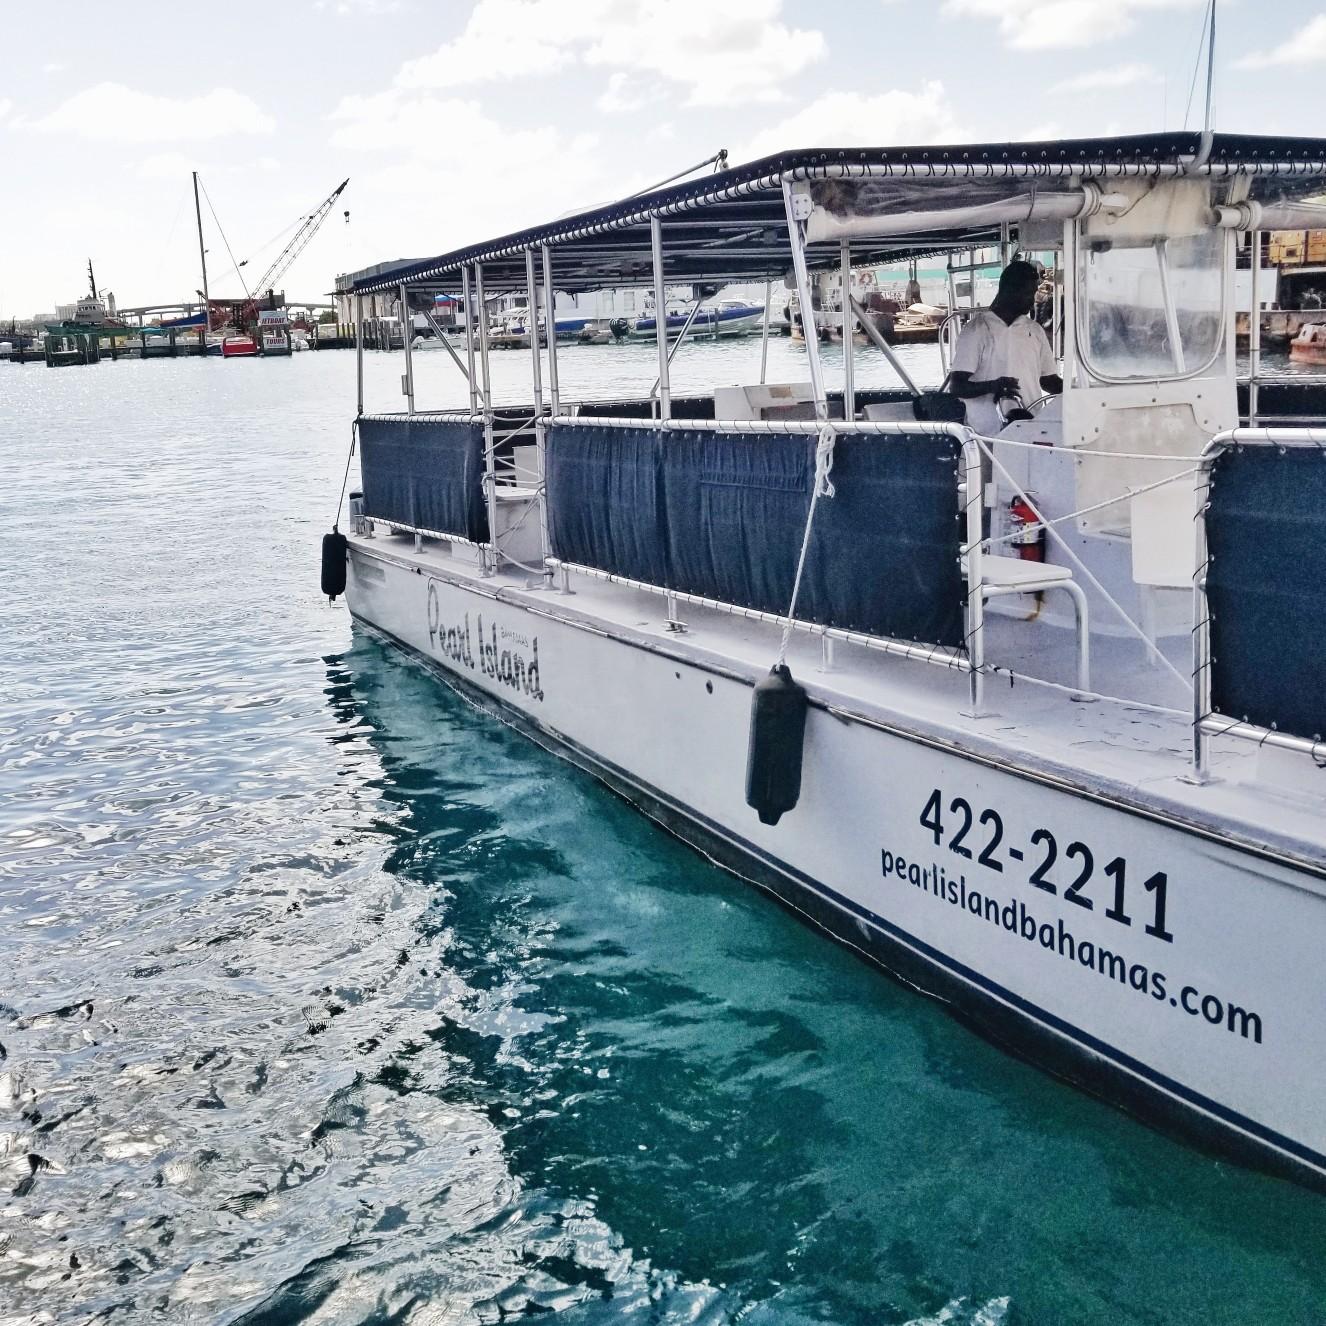 Pearl Island Boat Ride to Private Island